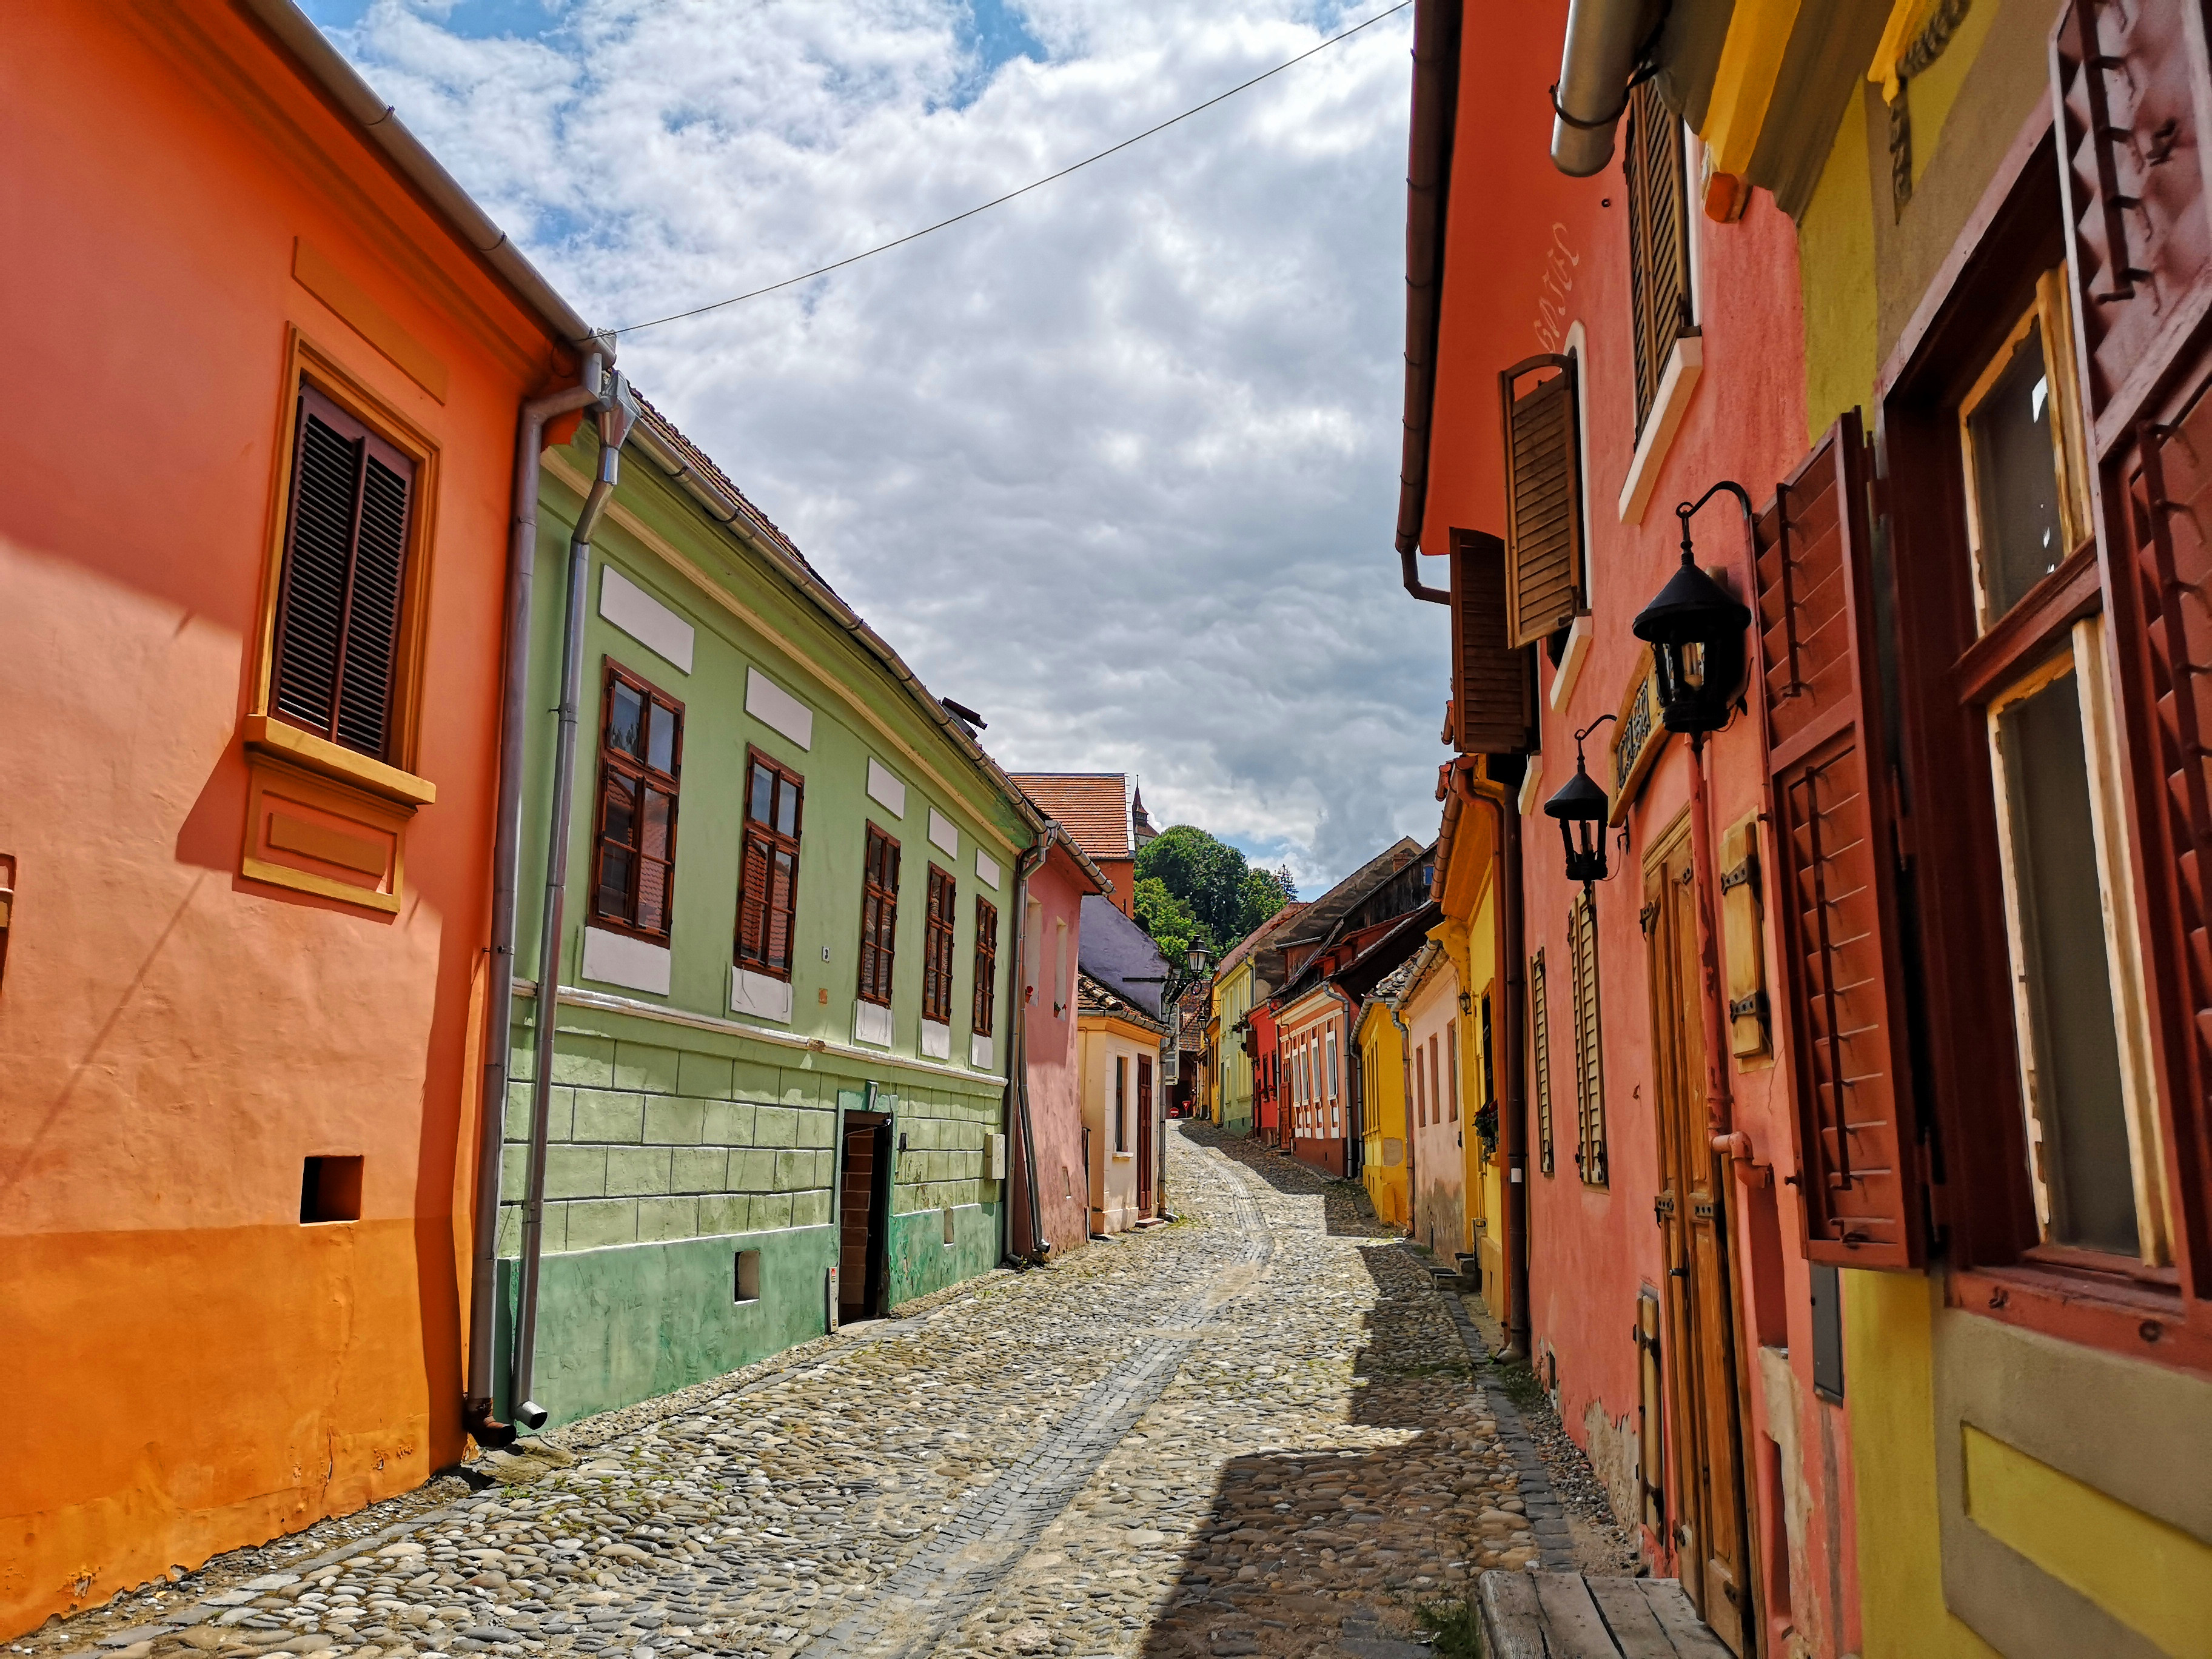 錫吉什瓦拉的街巷